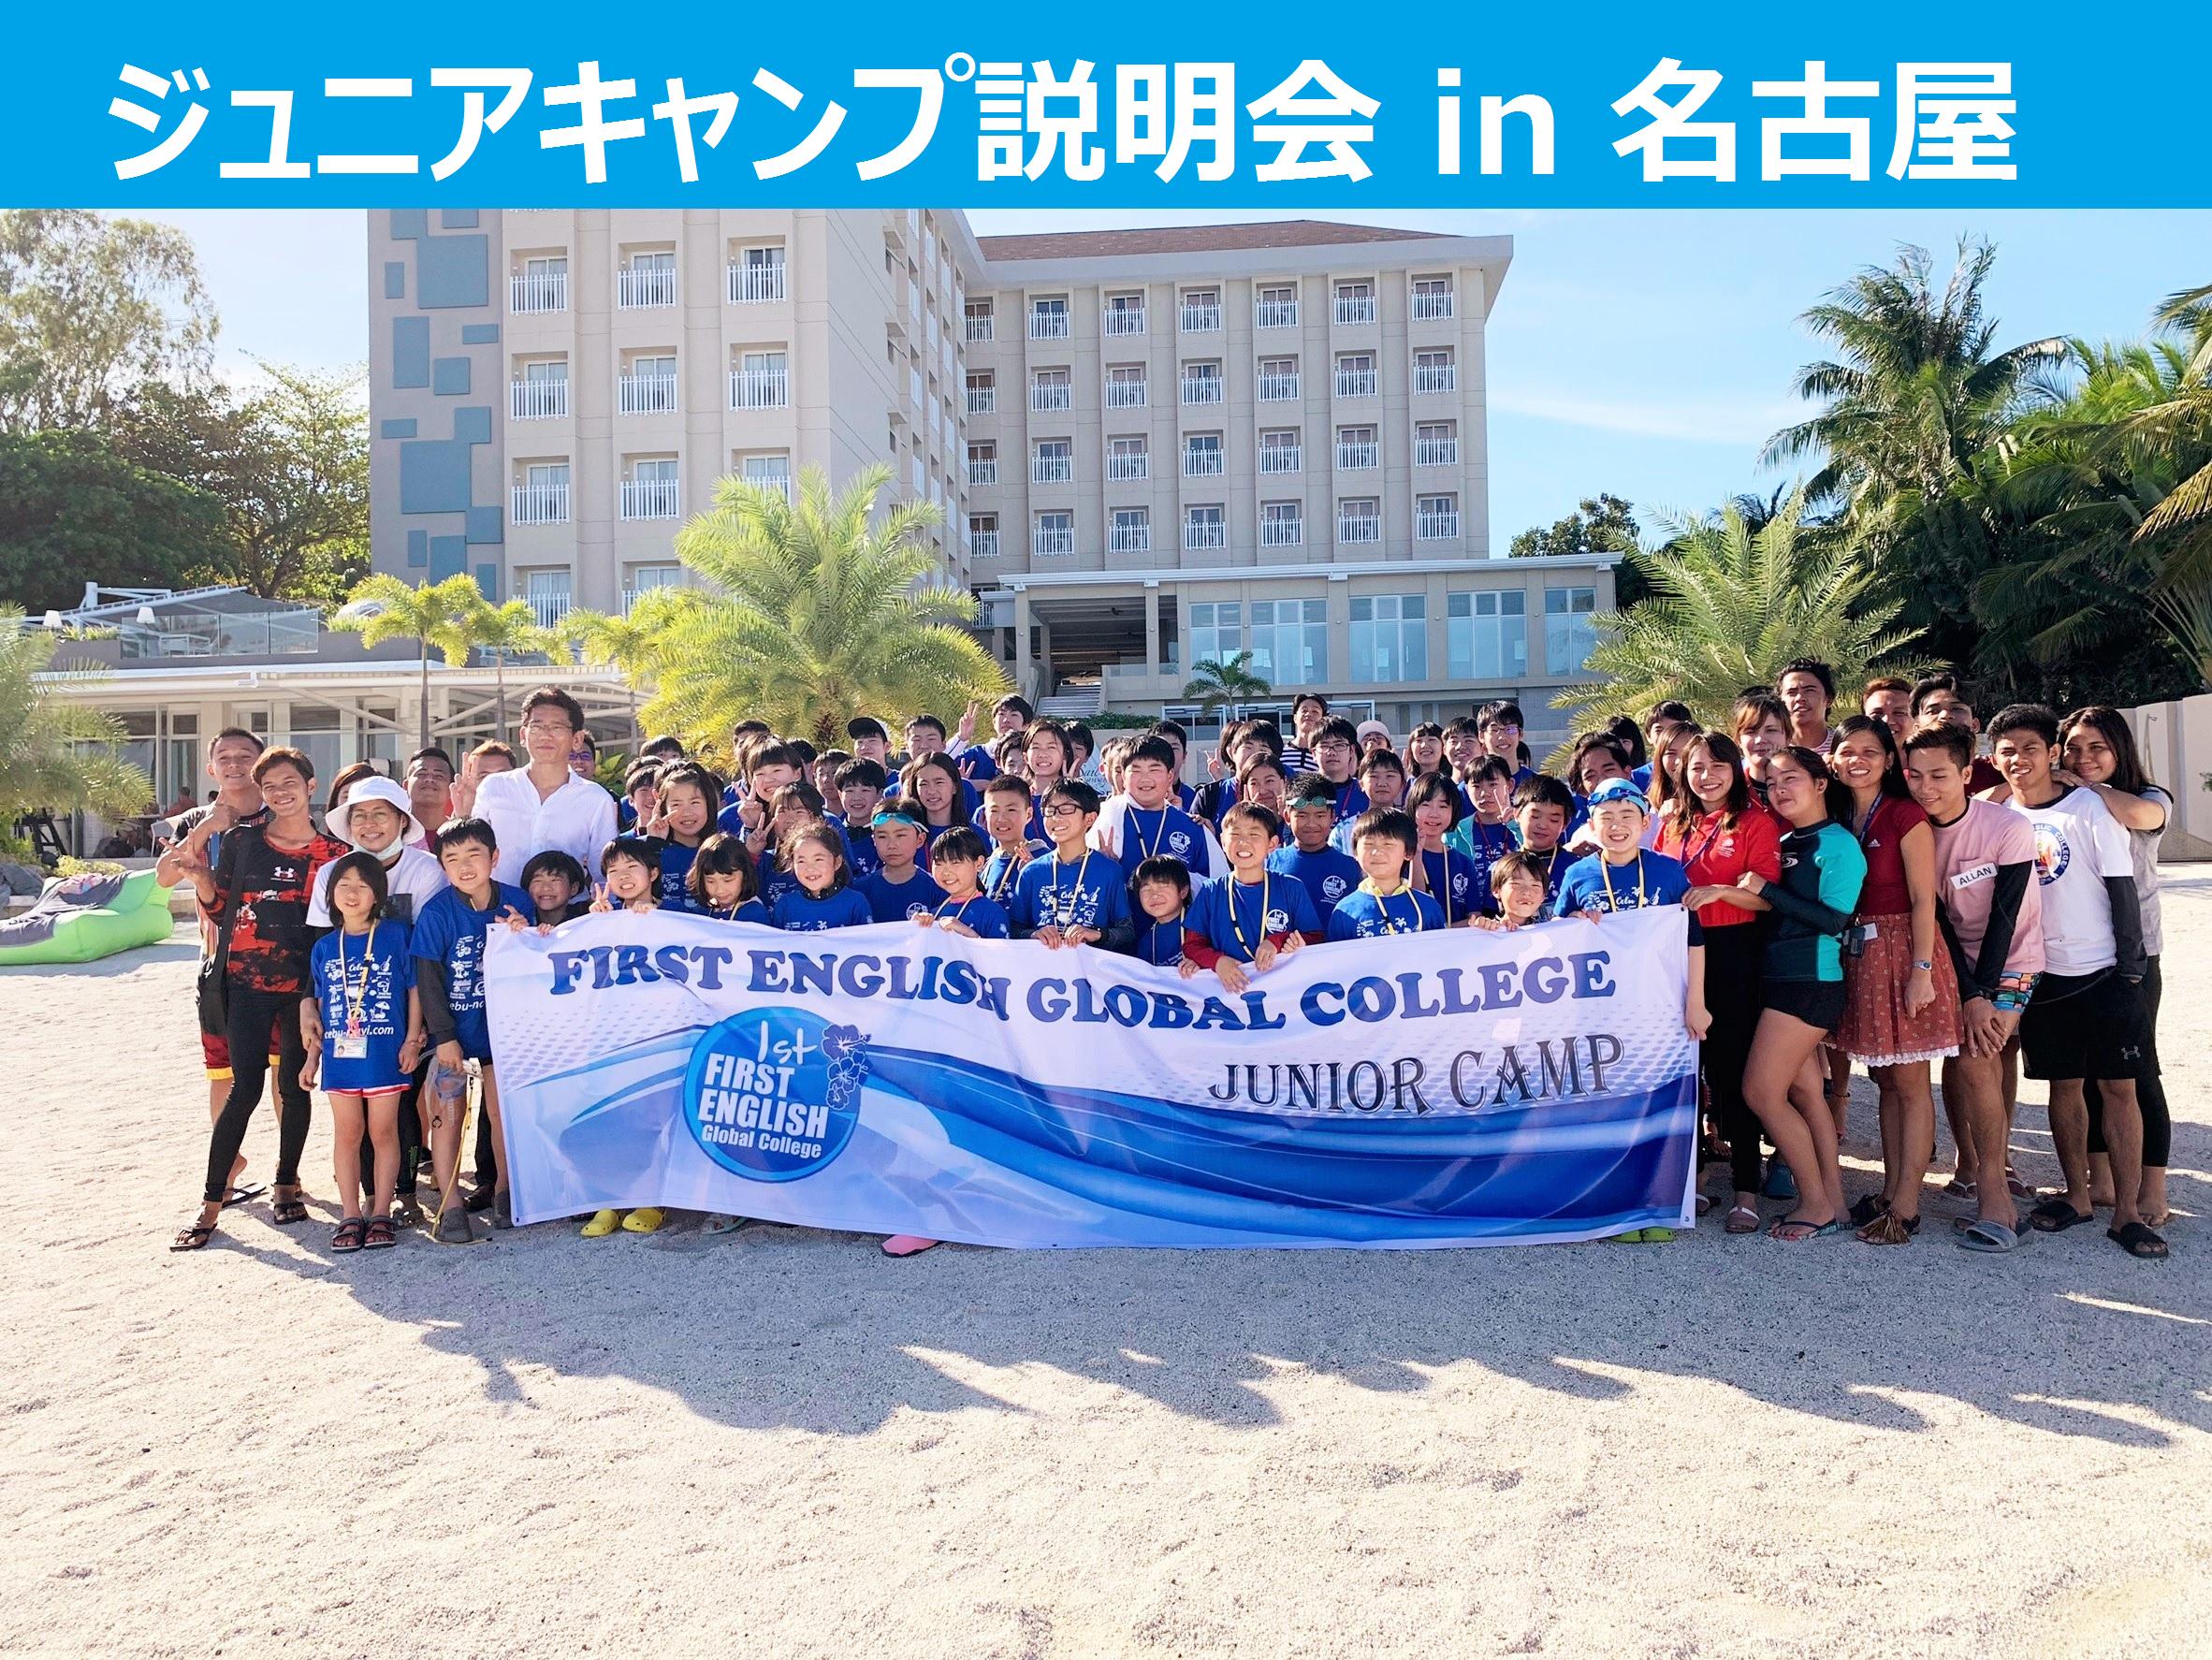 2020年 春のジュニアキャンプ 名古屋説明会参加者募集中!